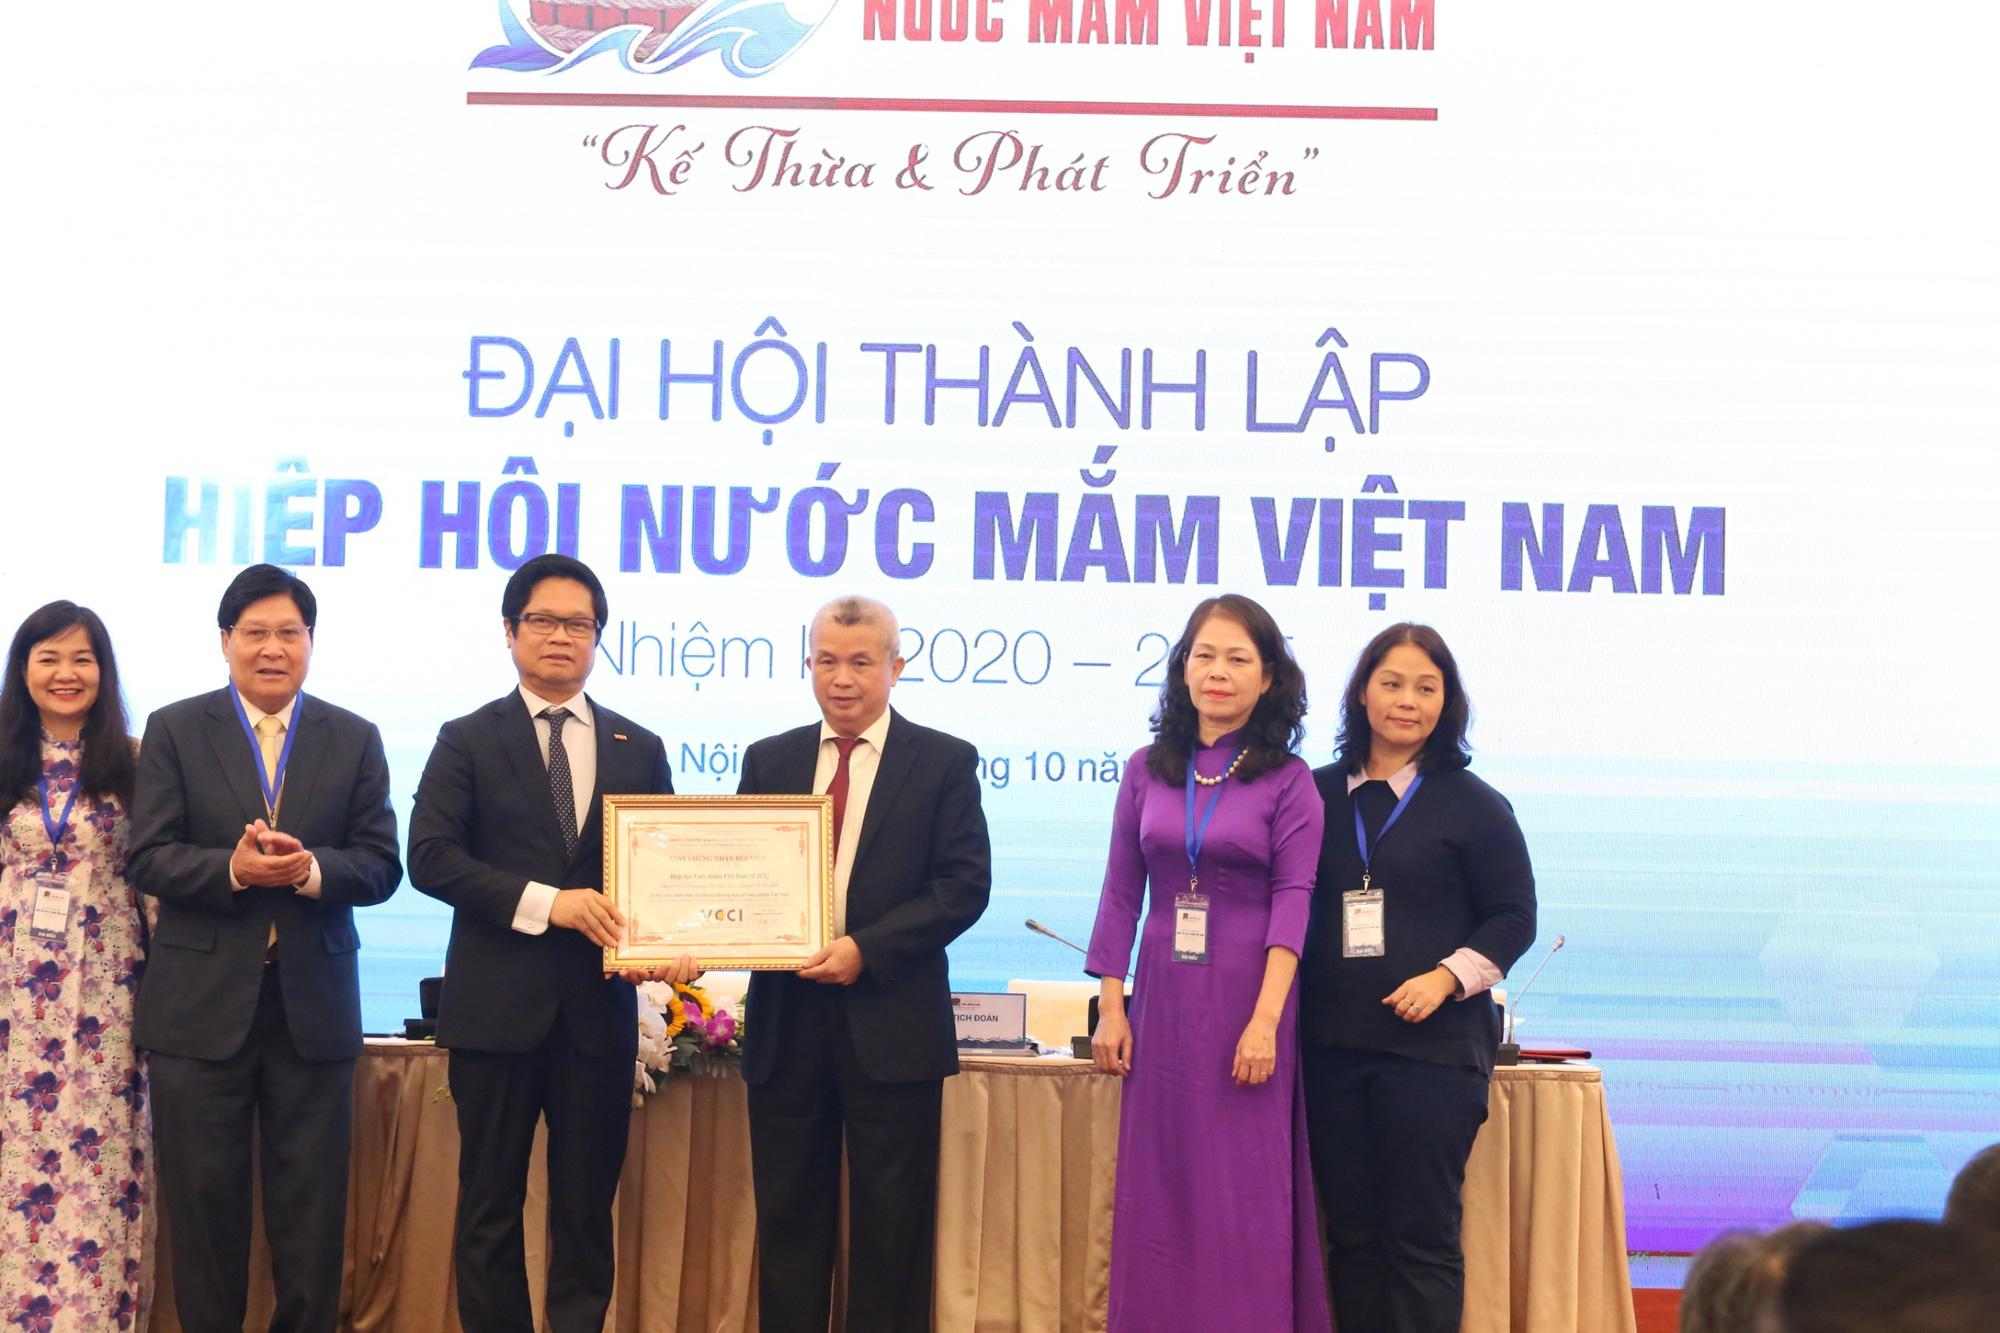 Chính thức thành lập Hiệp hội Nước mắm Việt Nam: Phát triển ngành hàng trị giá 6.000 tỷ đồng - Ảnh 4.